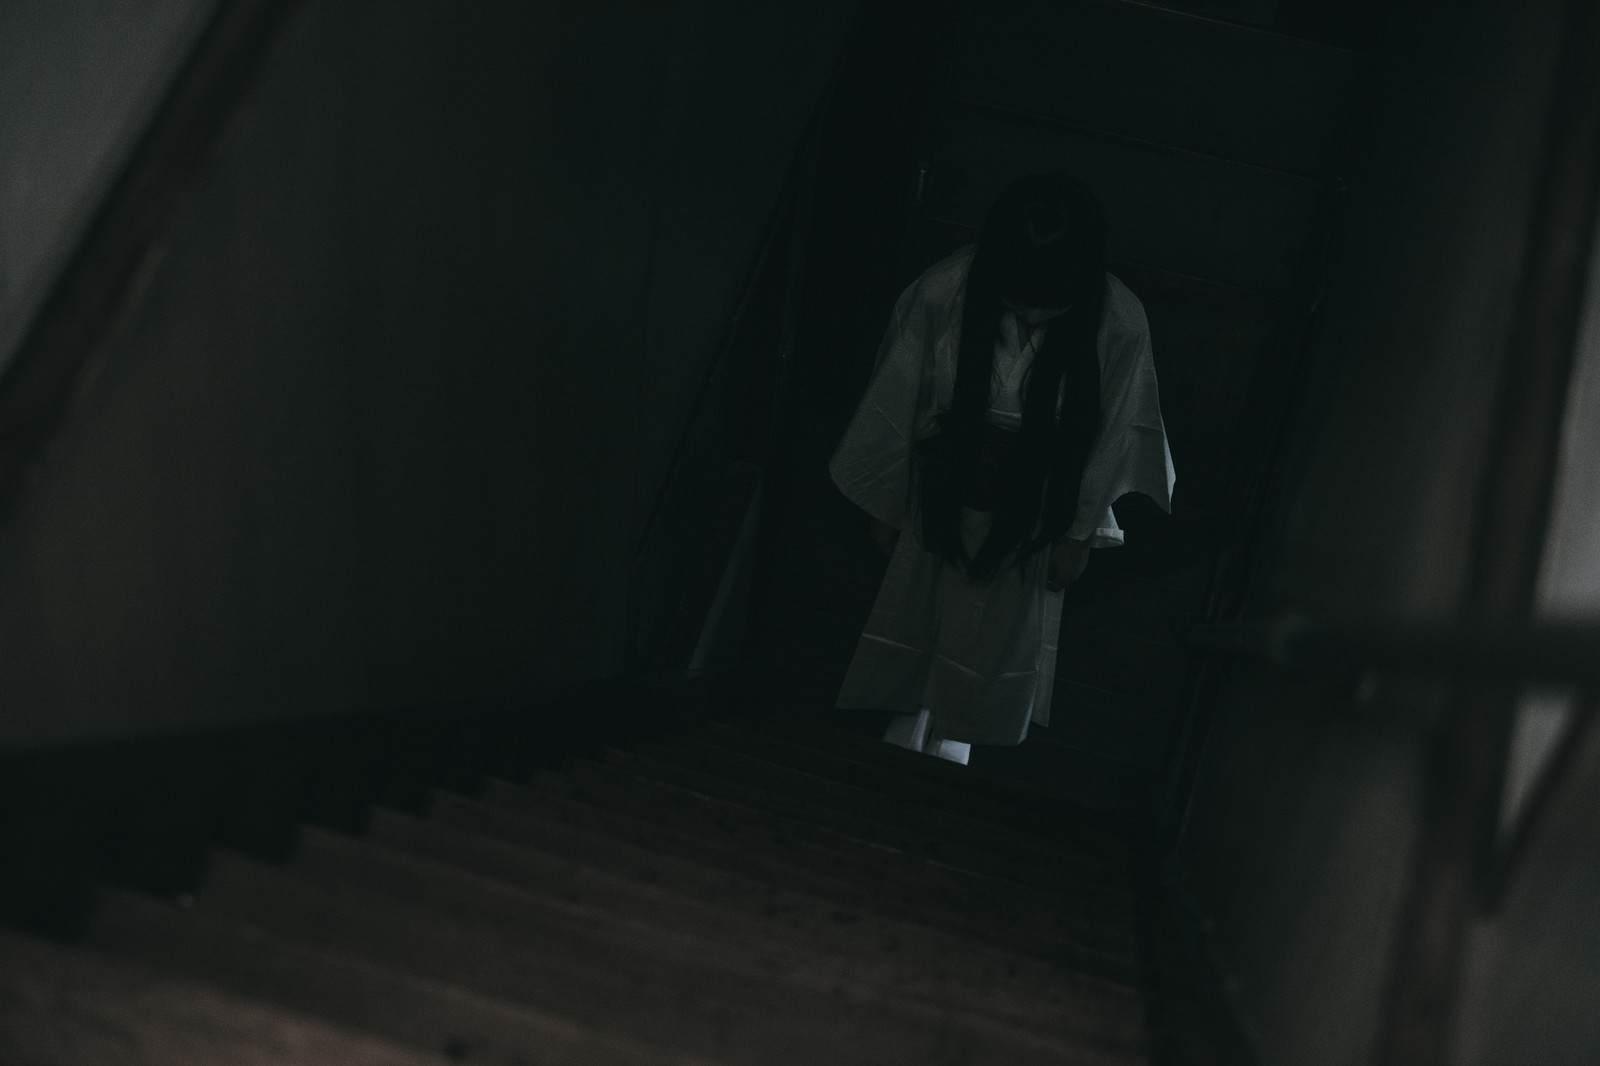 アンビリーバボー心霊・恐怖体験 放送打ち切りの謎